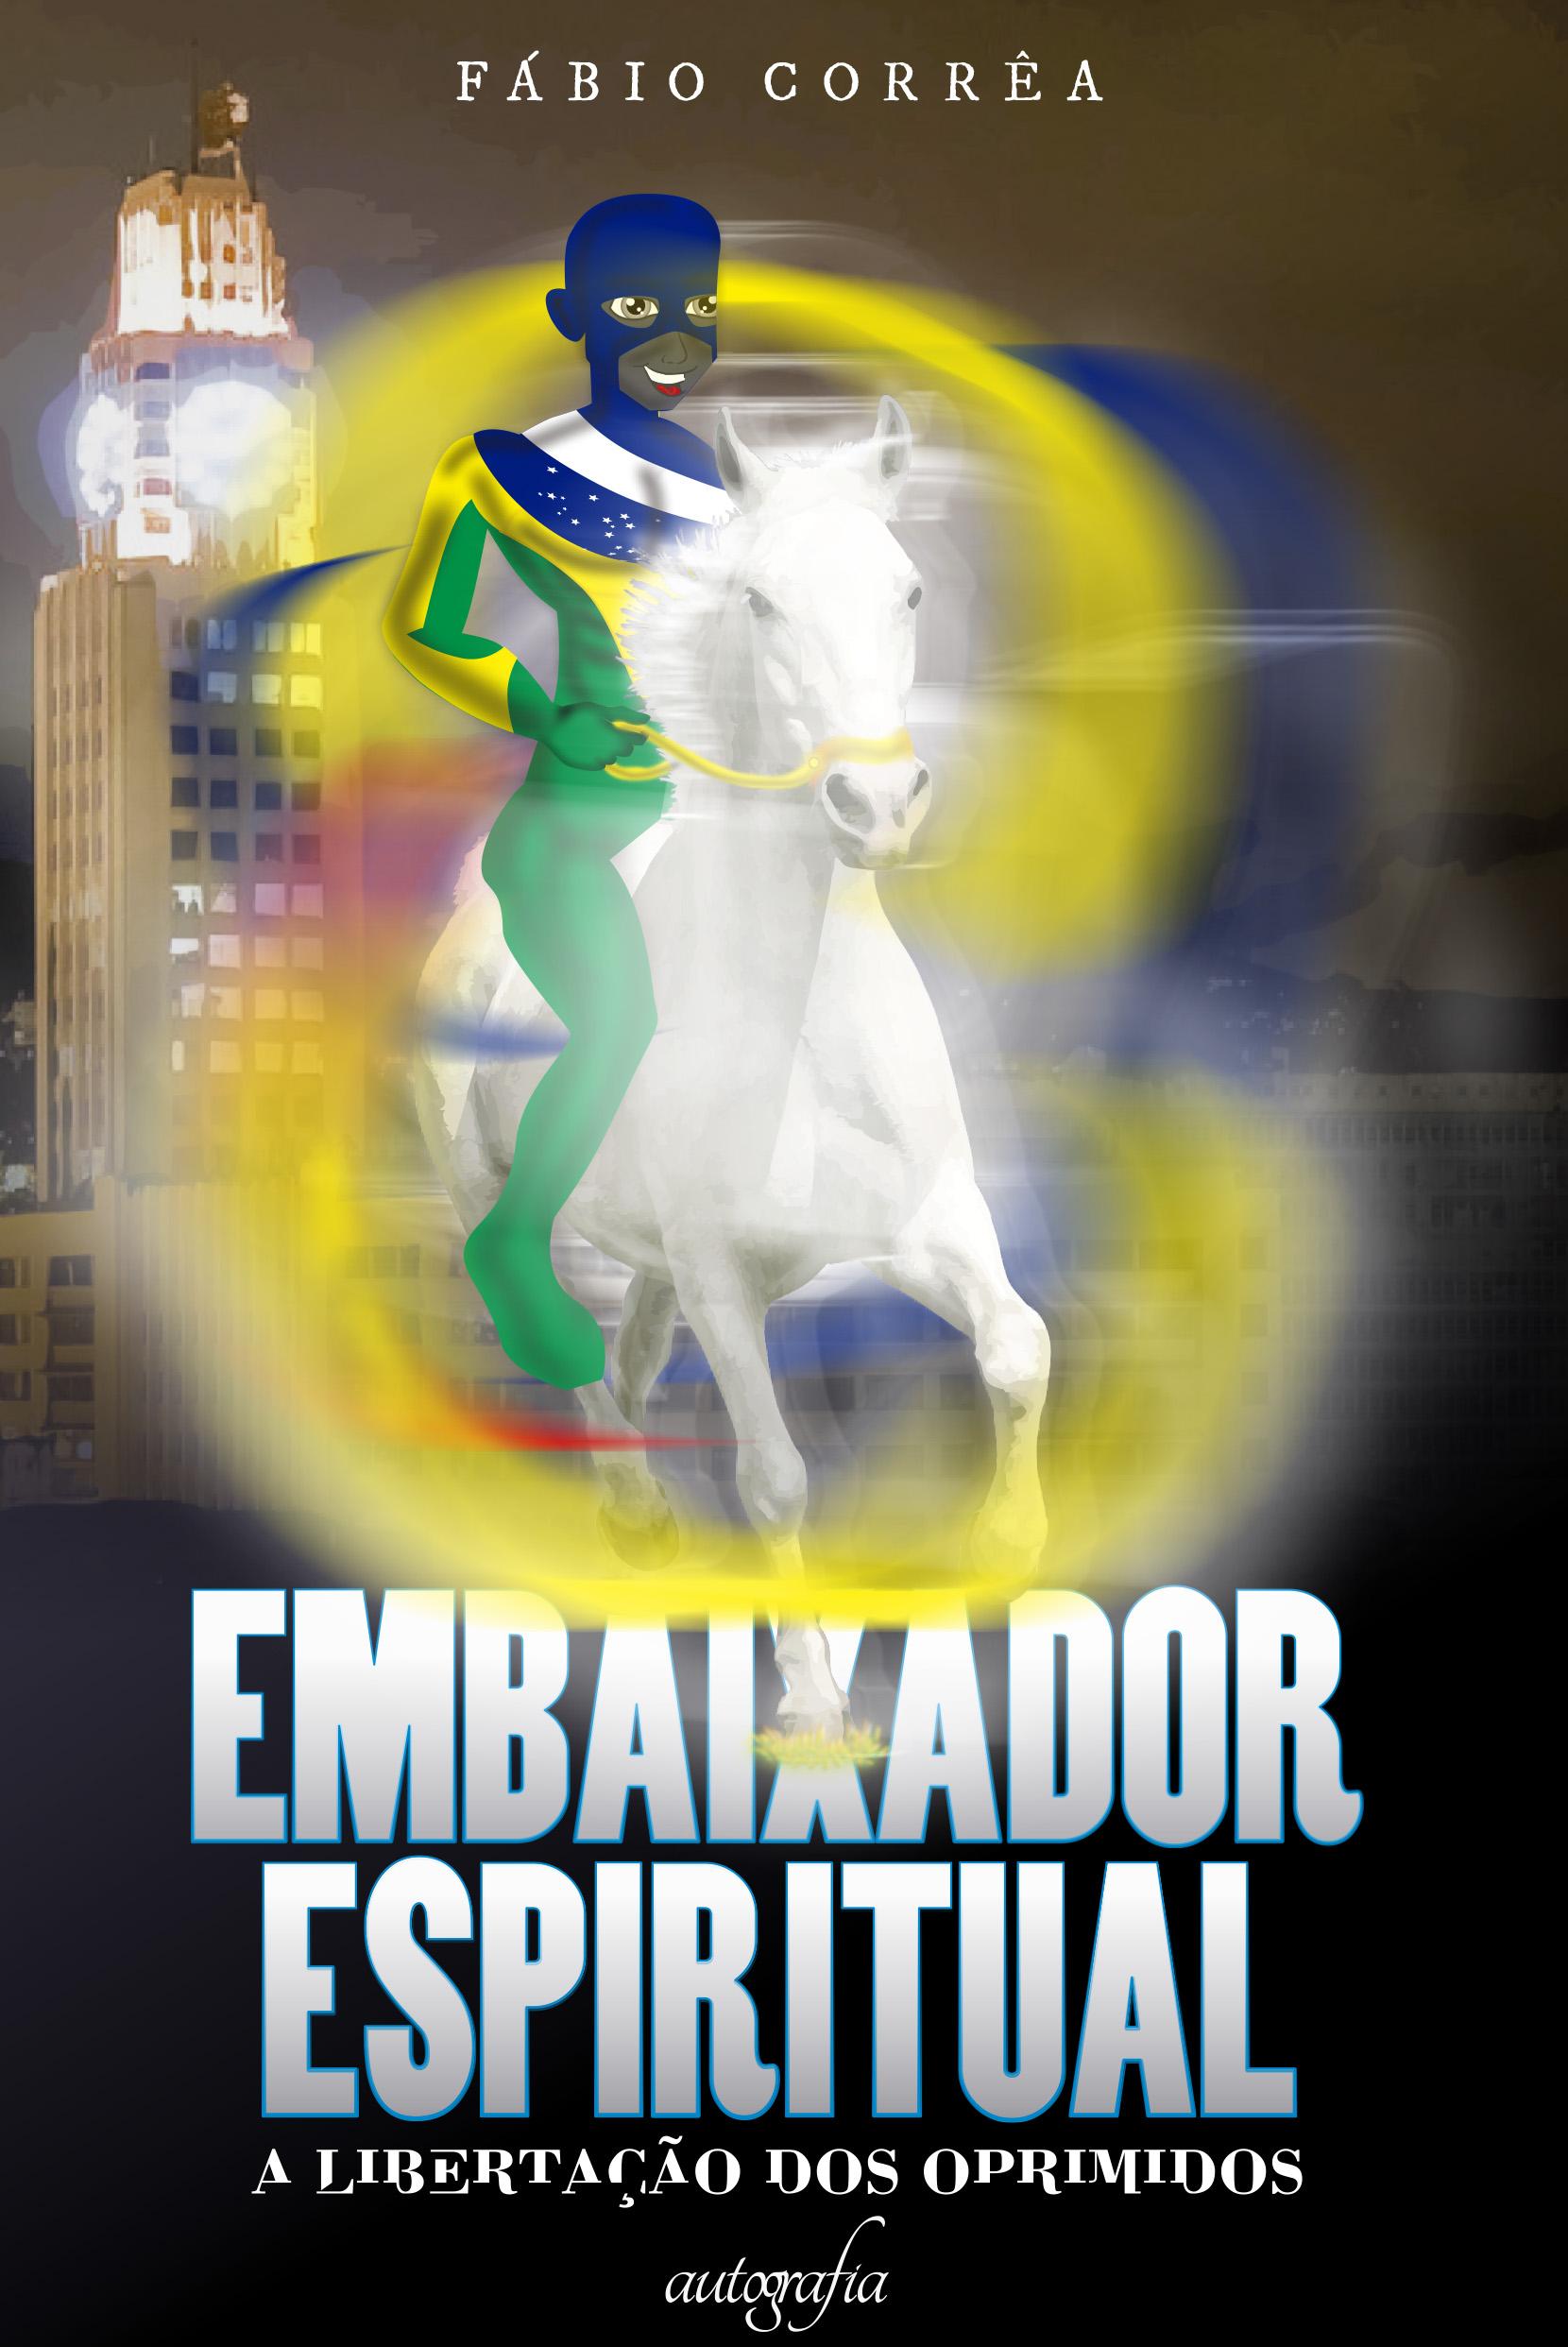 Capa-Embaixador Espiritual-310516